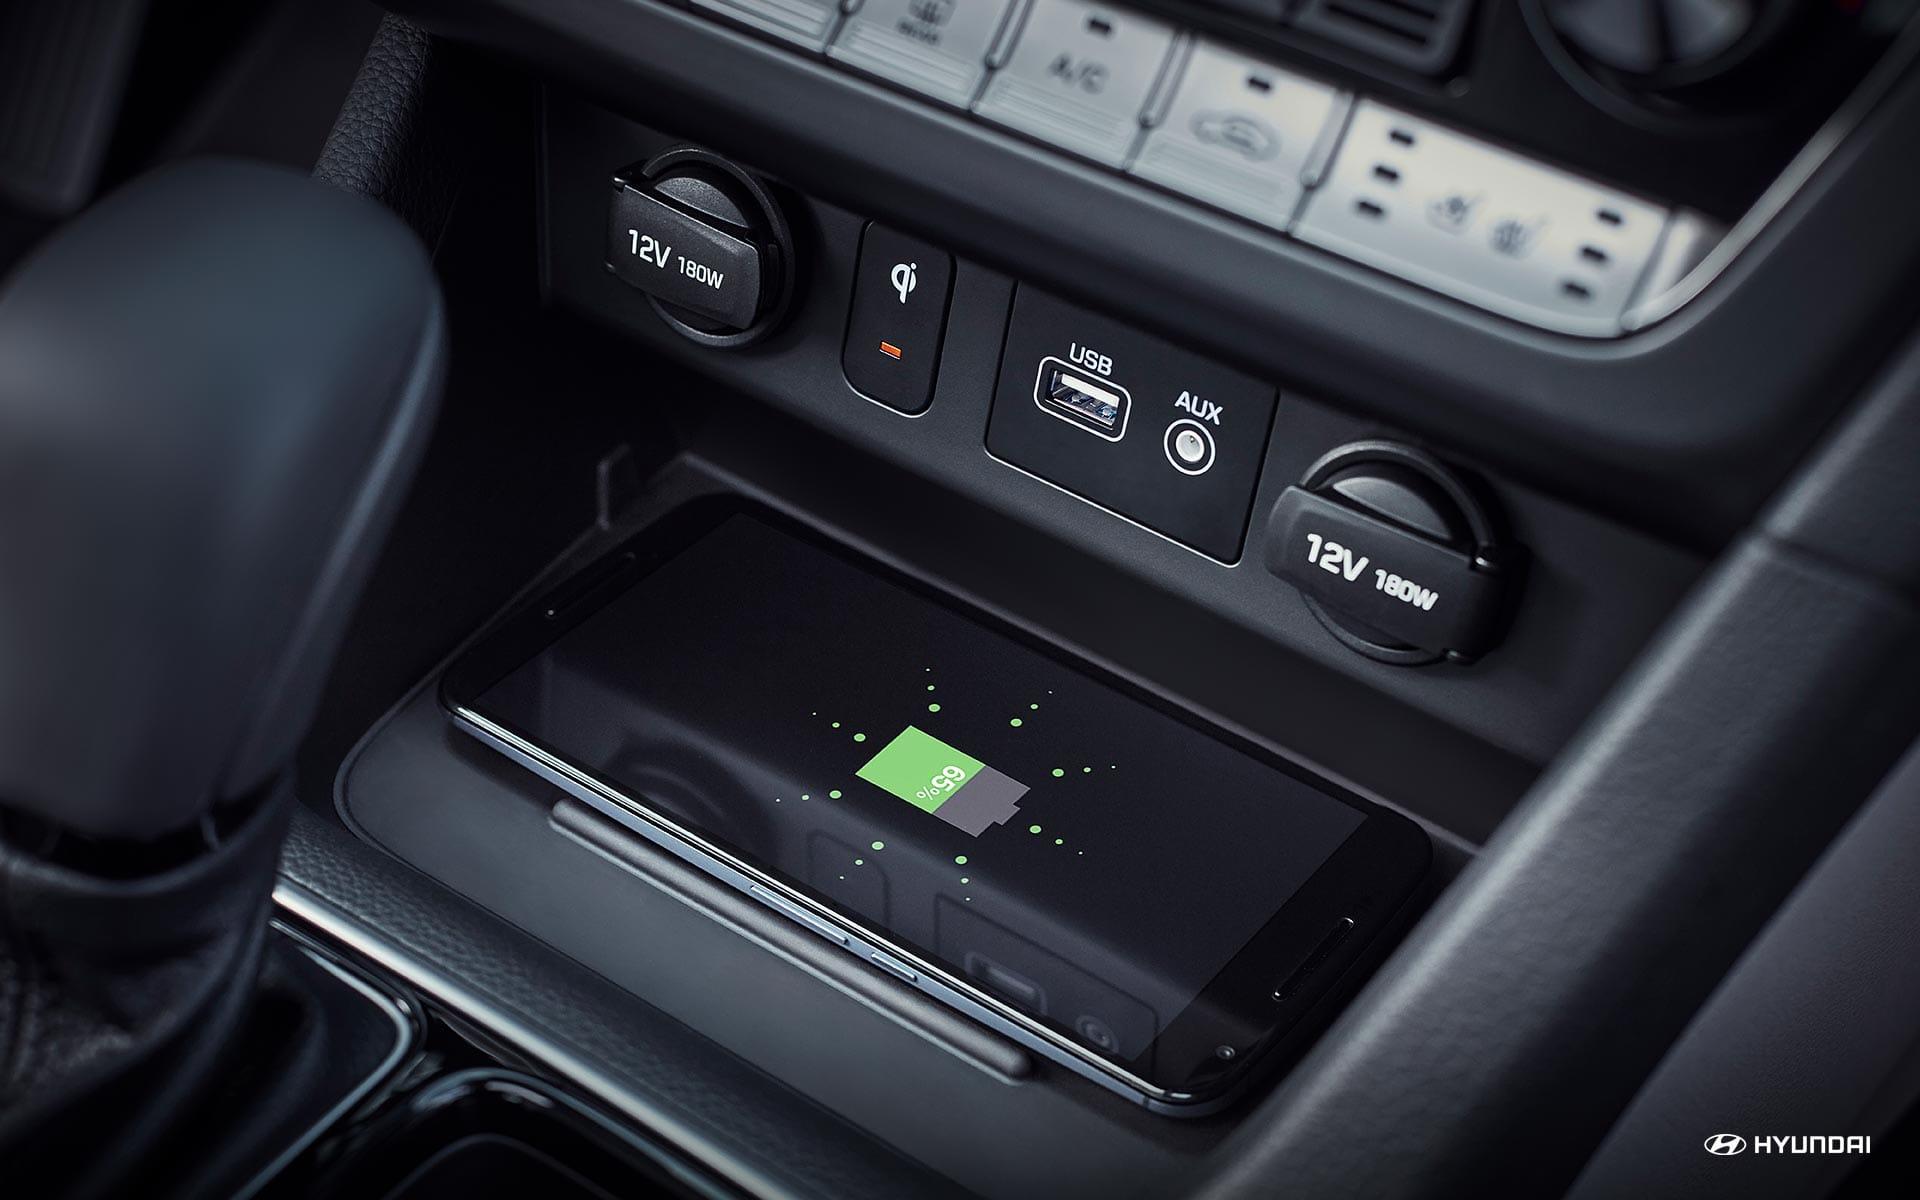 2018 Hyundai Sonata's Wireless Charging Pad